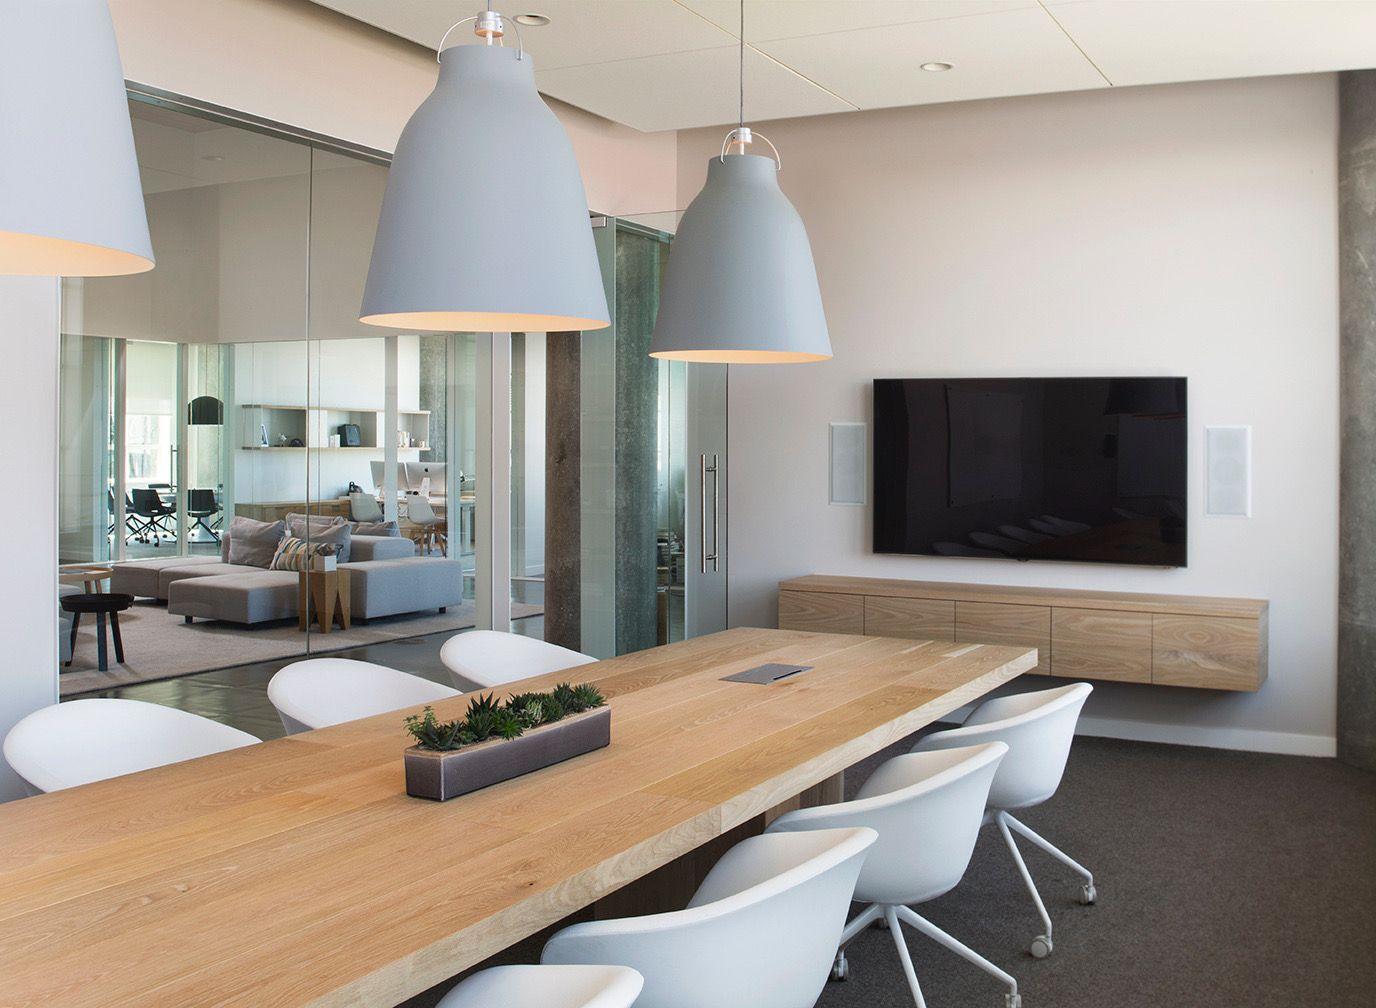 Pin von Zara auf workplace space | Pinterest | Objekteinrichtung ...